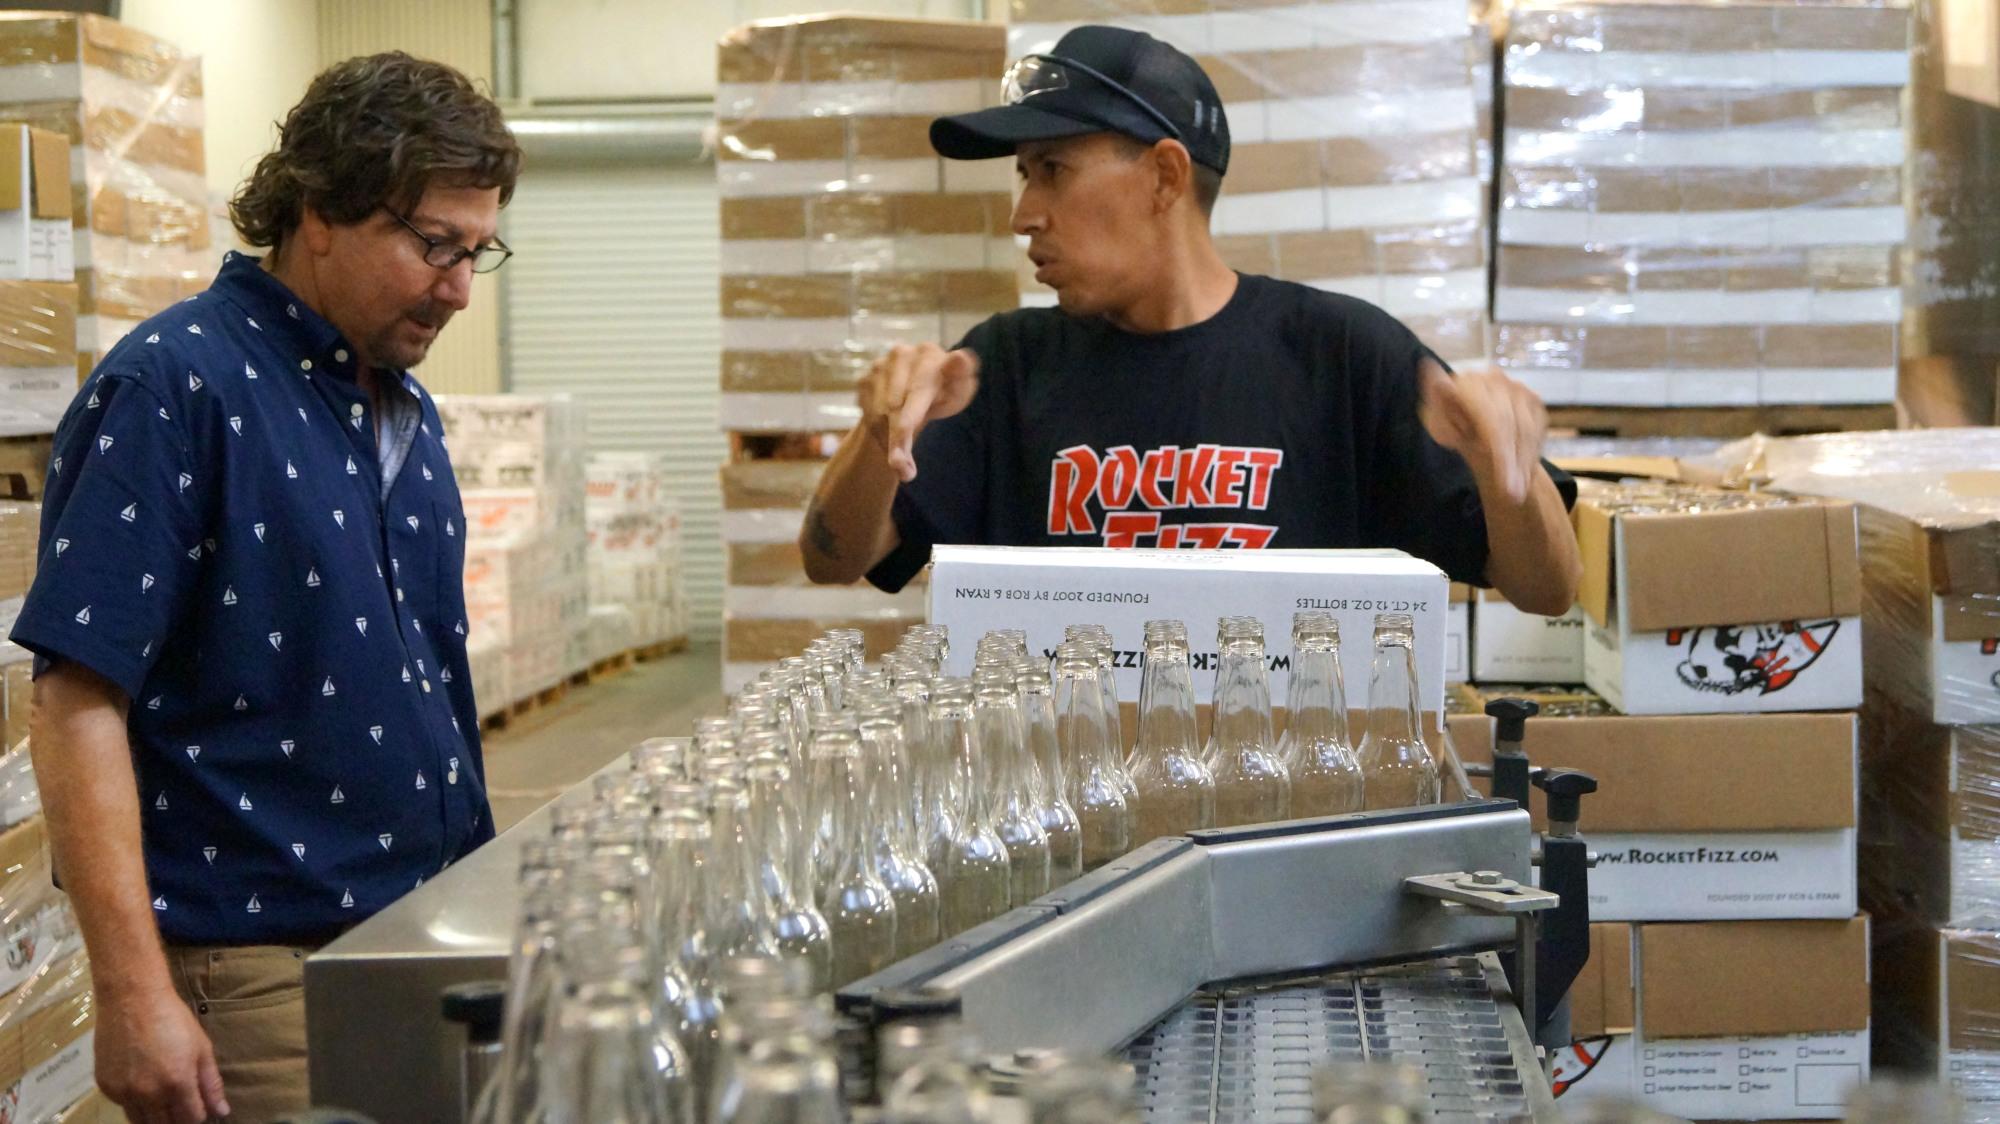 Packing the soda bottles